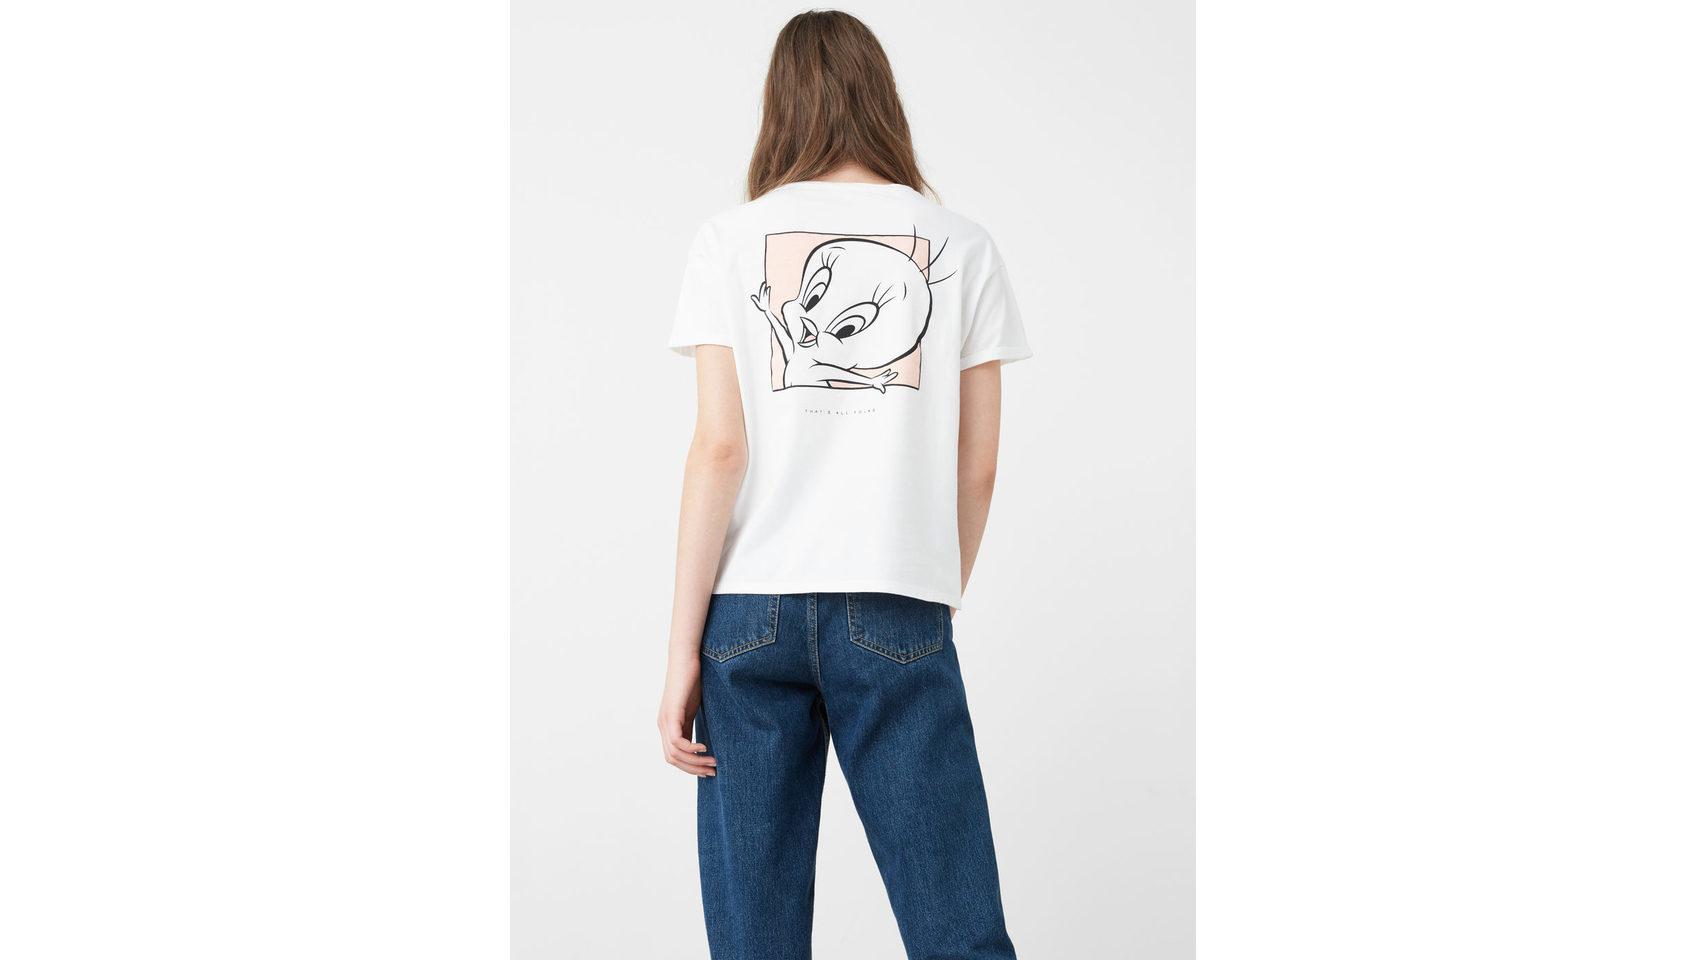 Camiseta blanca con Piolín a la espalda de Mango.